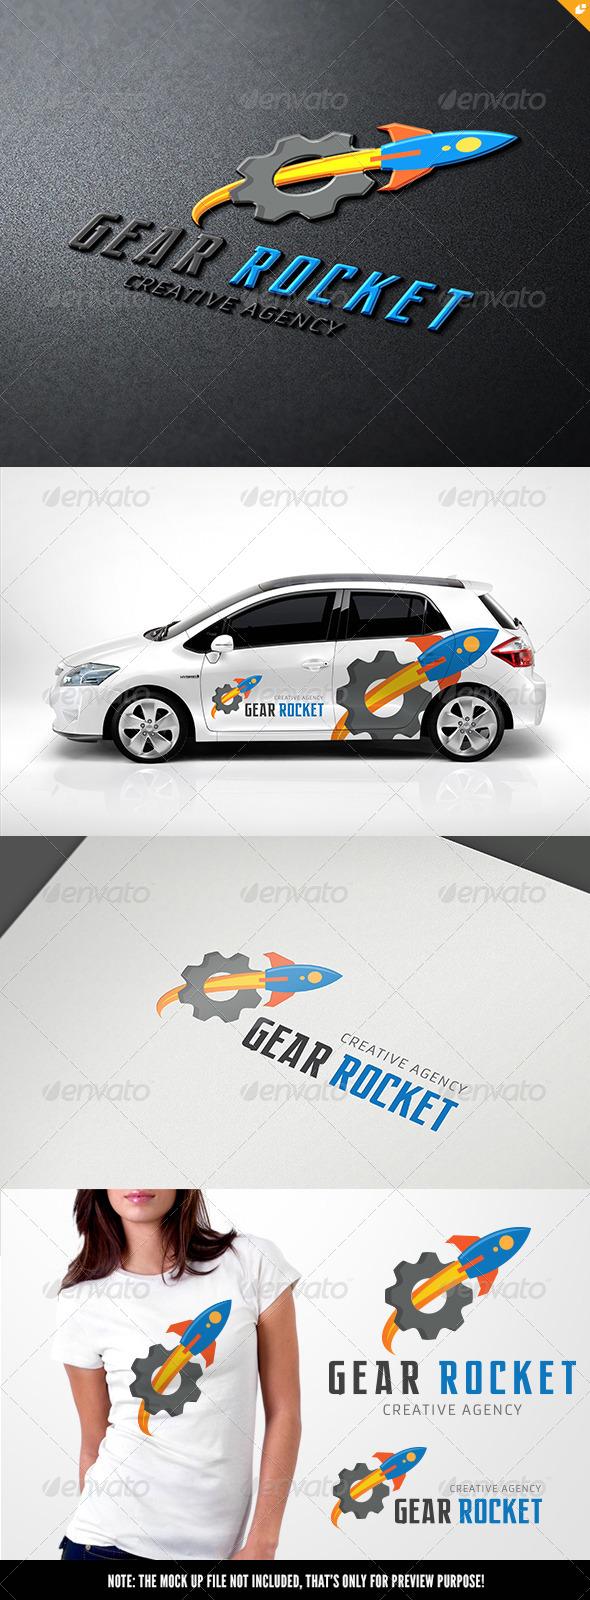 GraphicRiver Gear Rocket 7324840